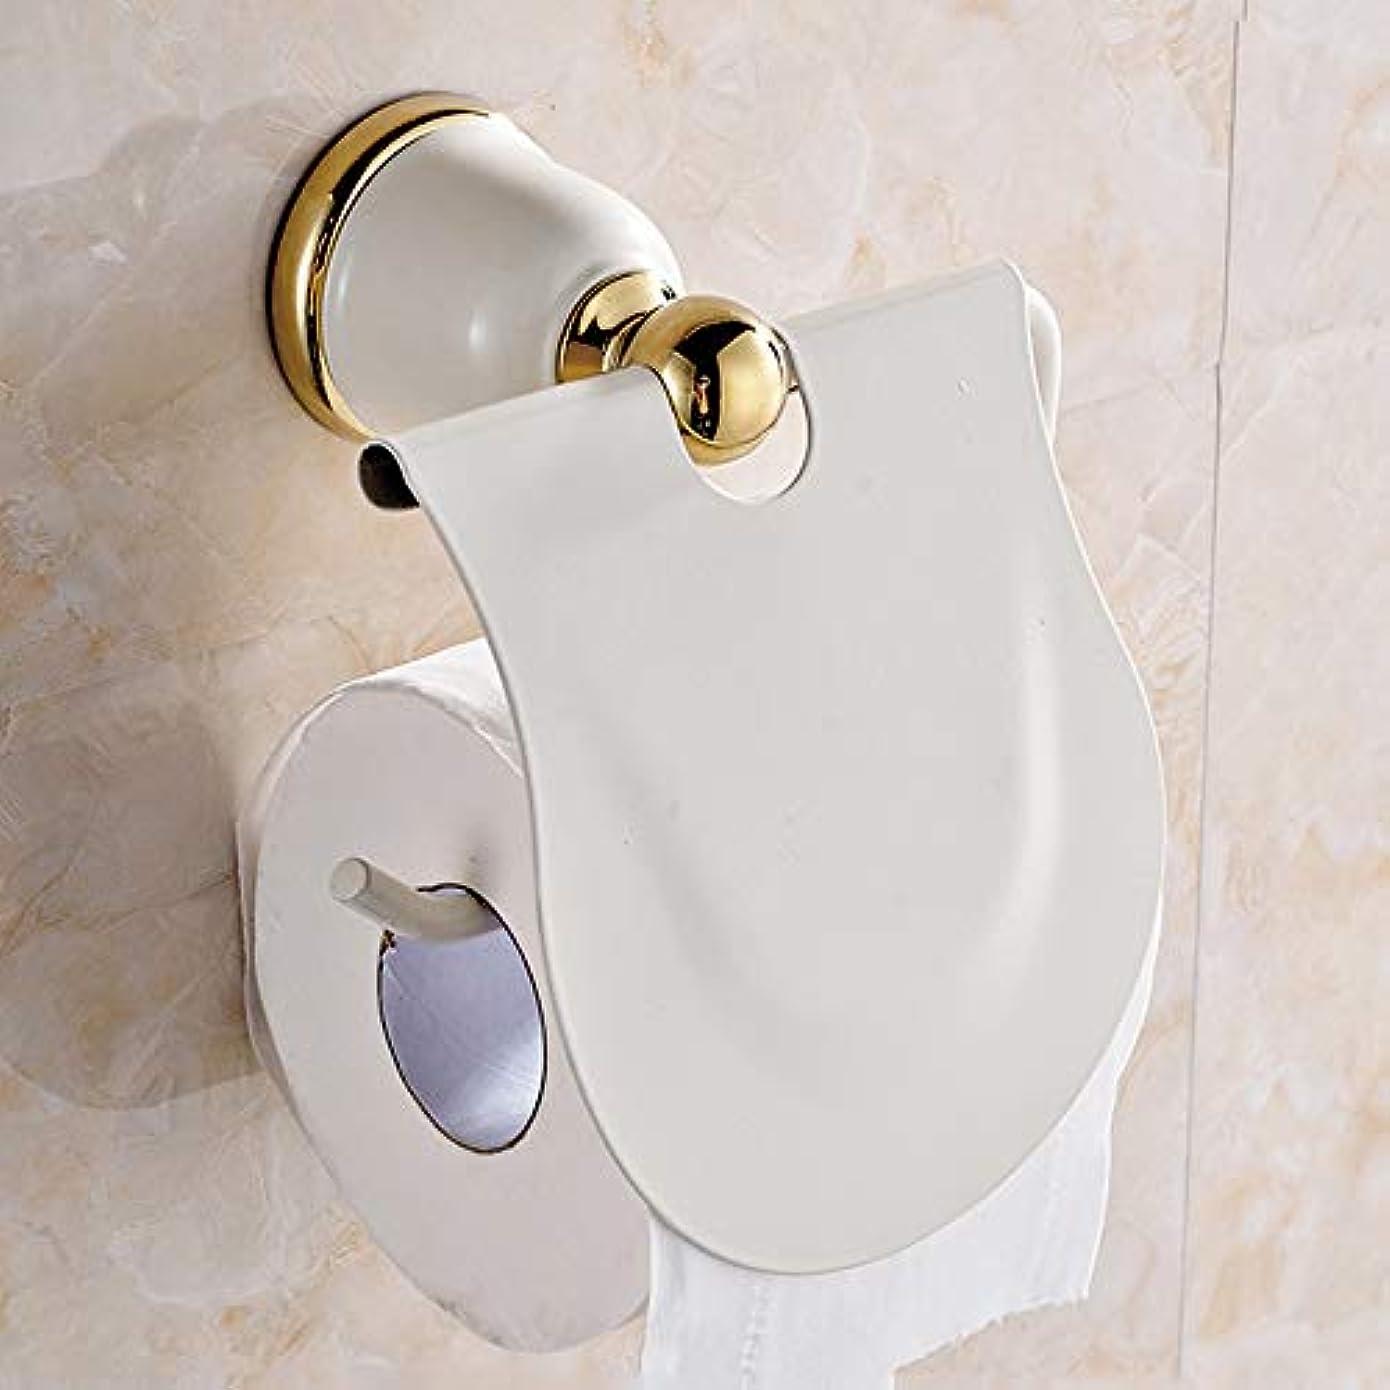 クラフトジャンク無駄だZZLX 紙タオルホルダー、ヨーロピアンパストラルライスホワイトペイントロールカートントイレットペーパーホルダーゴールドアンティークティッシュボックスバスルームペンダント ロングハンドル風呂ブラシ (色 : ゴールド)